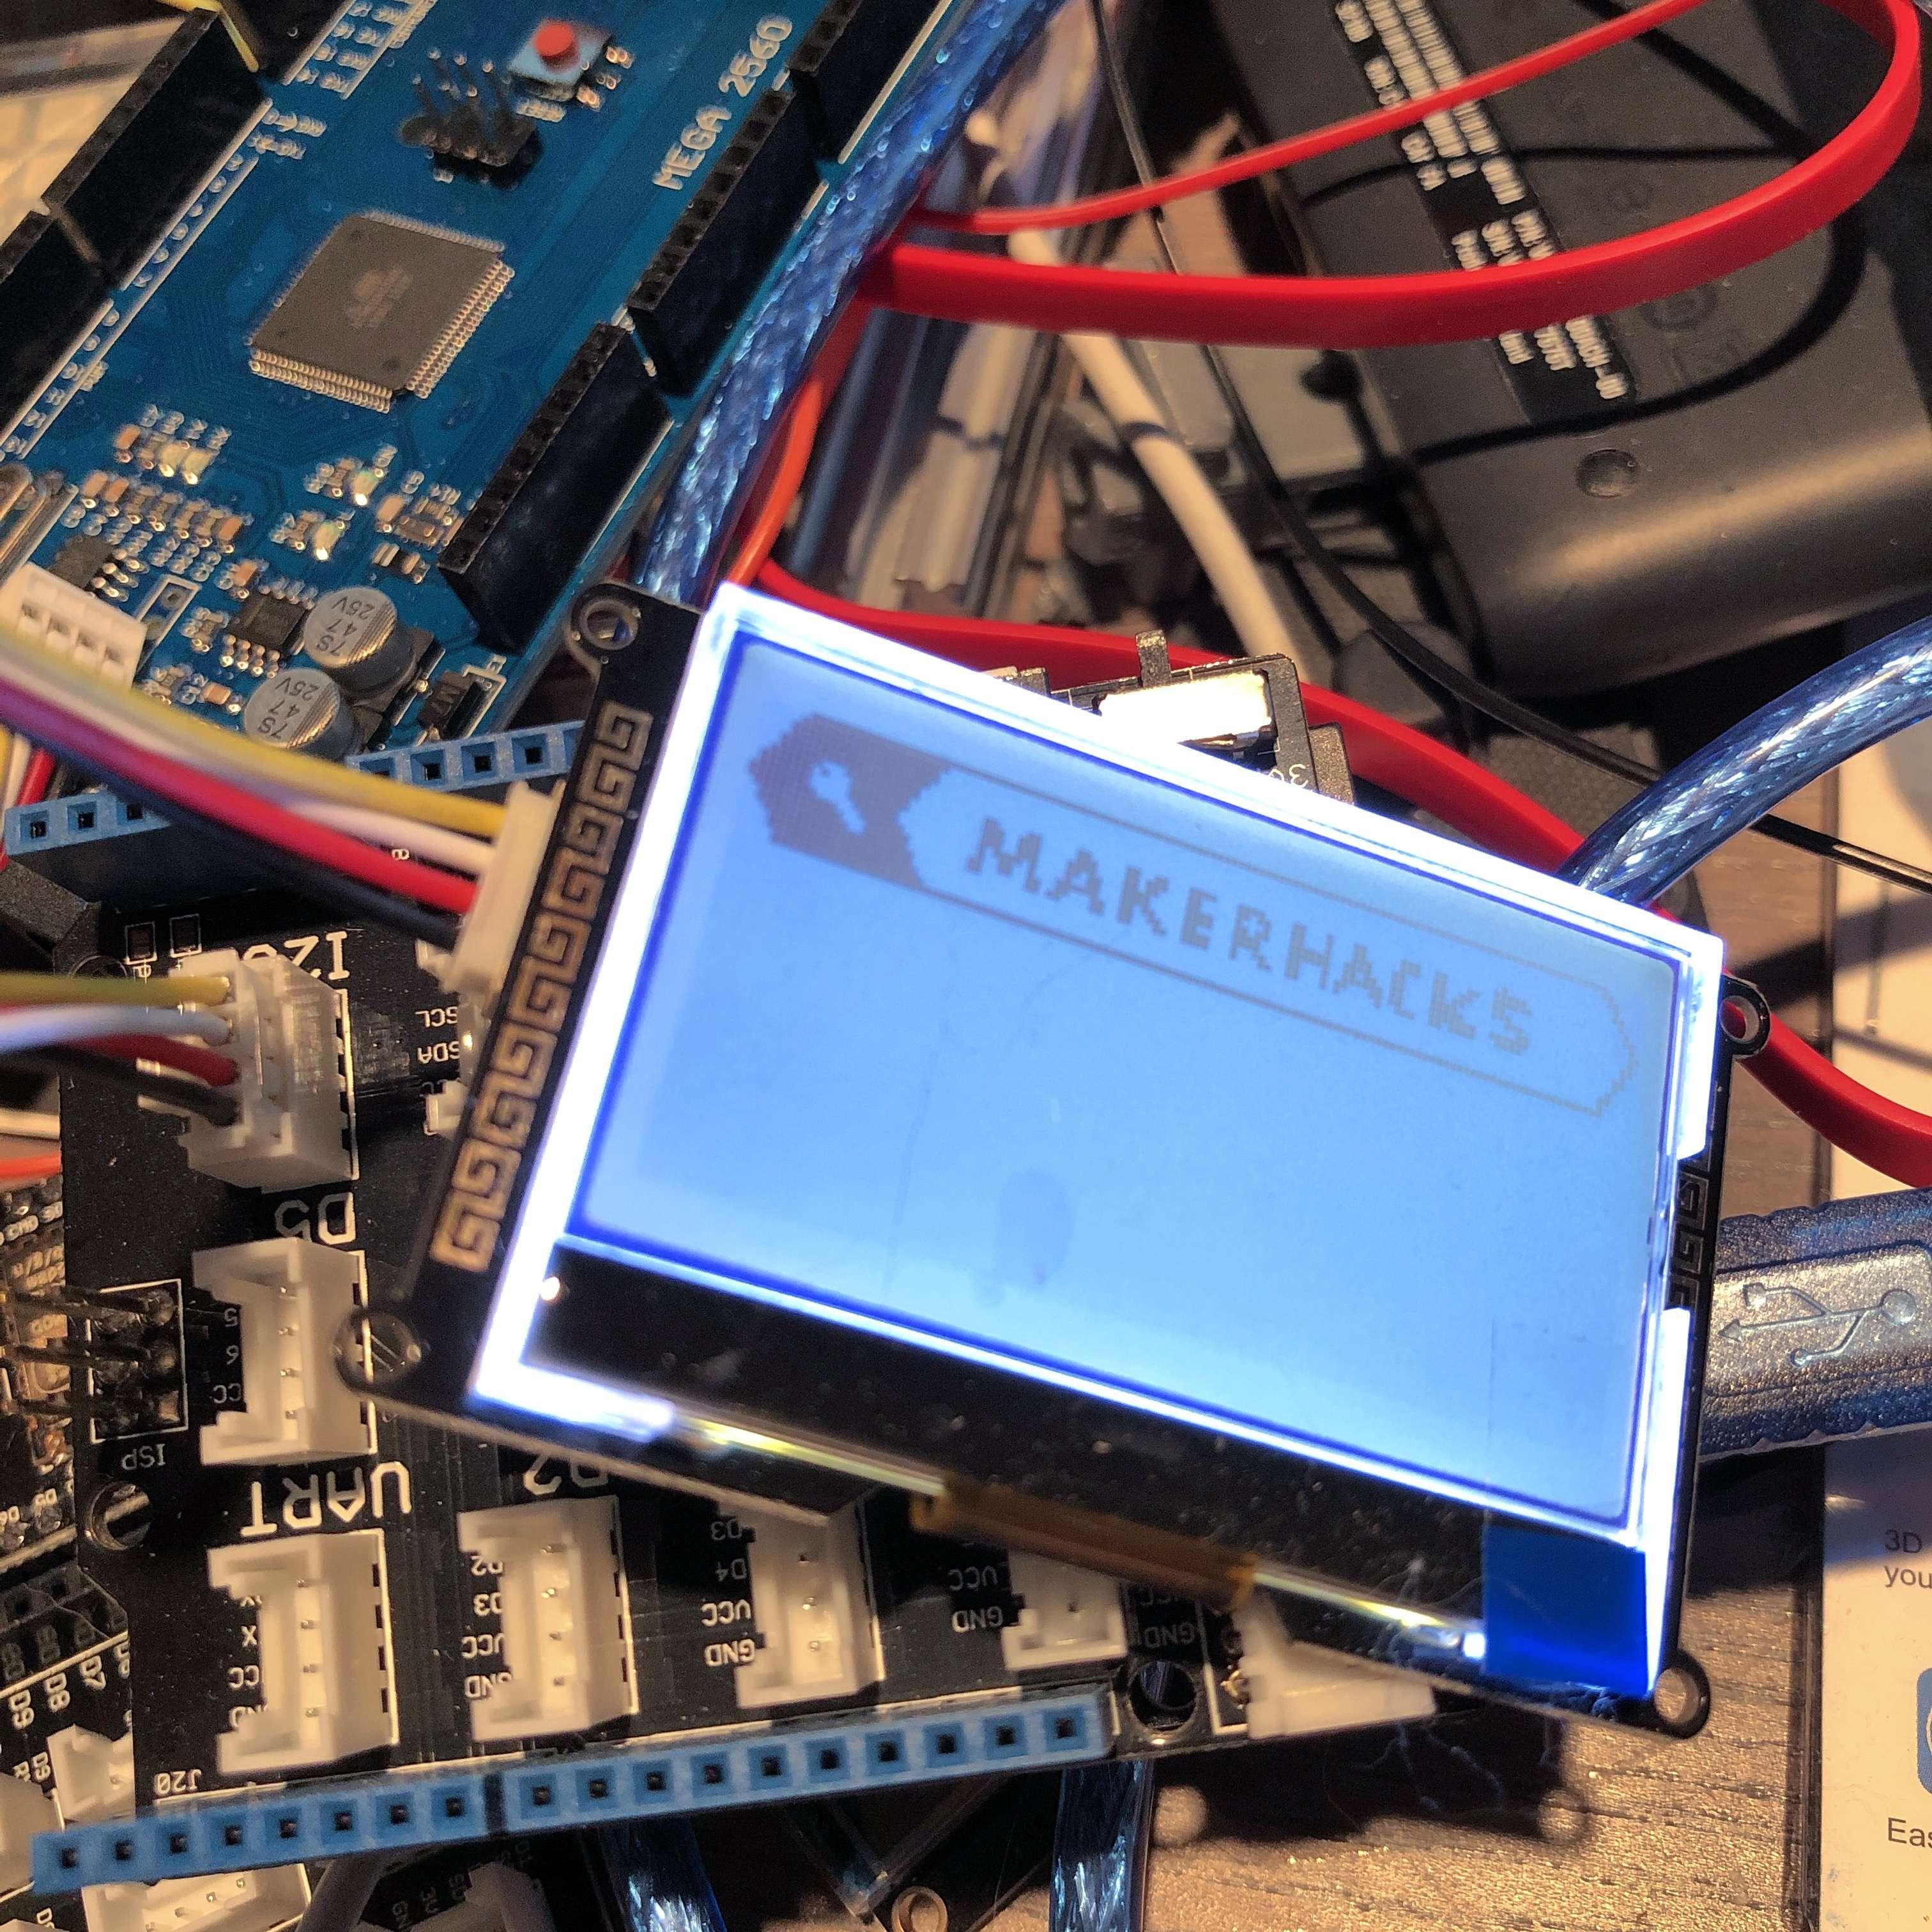 Grove i2c LCD